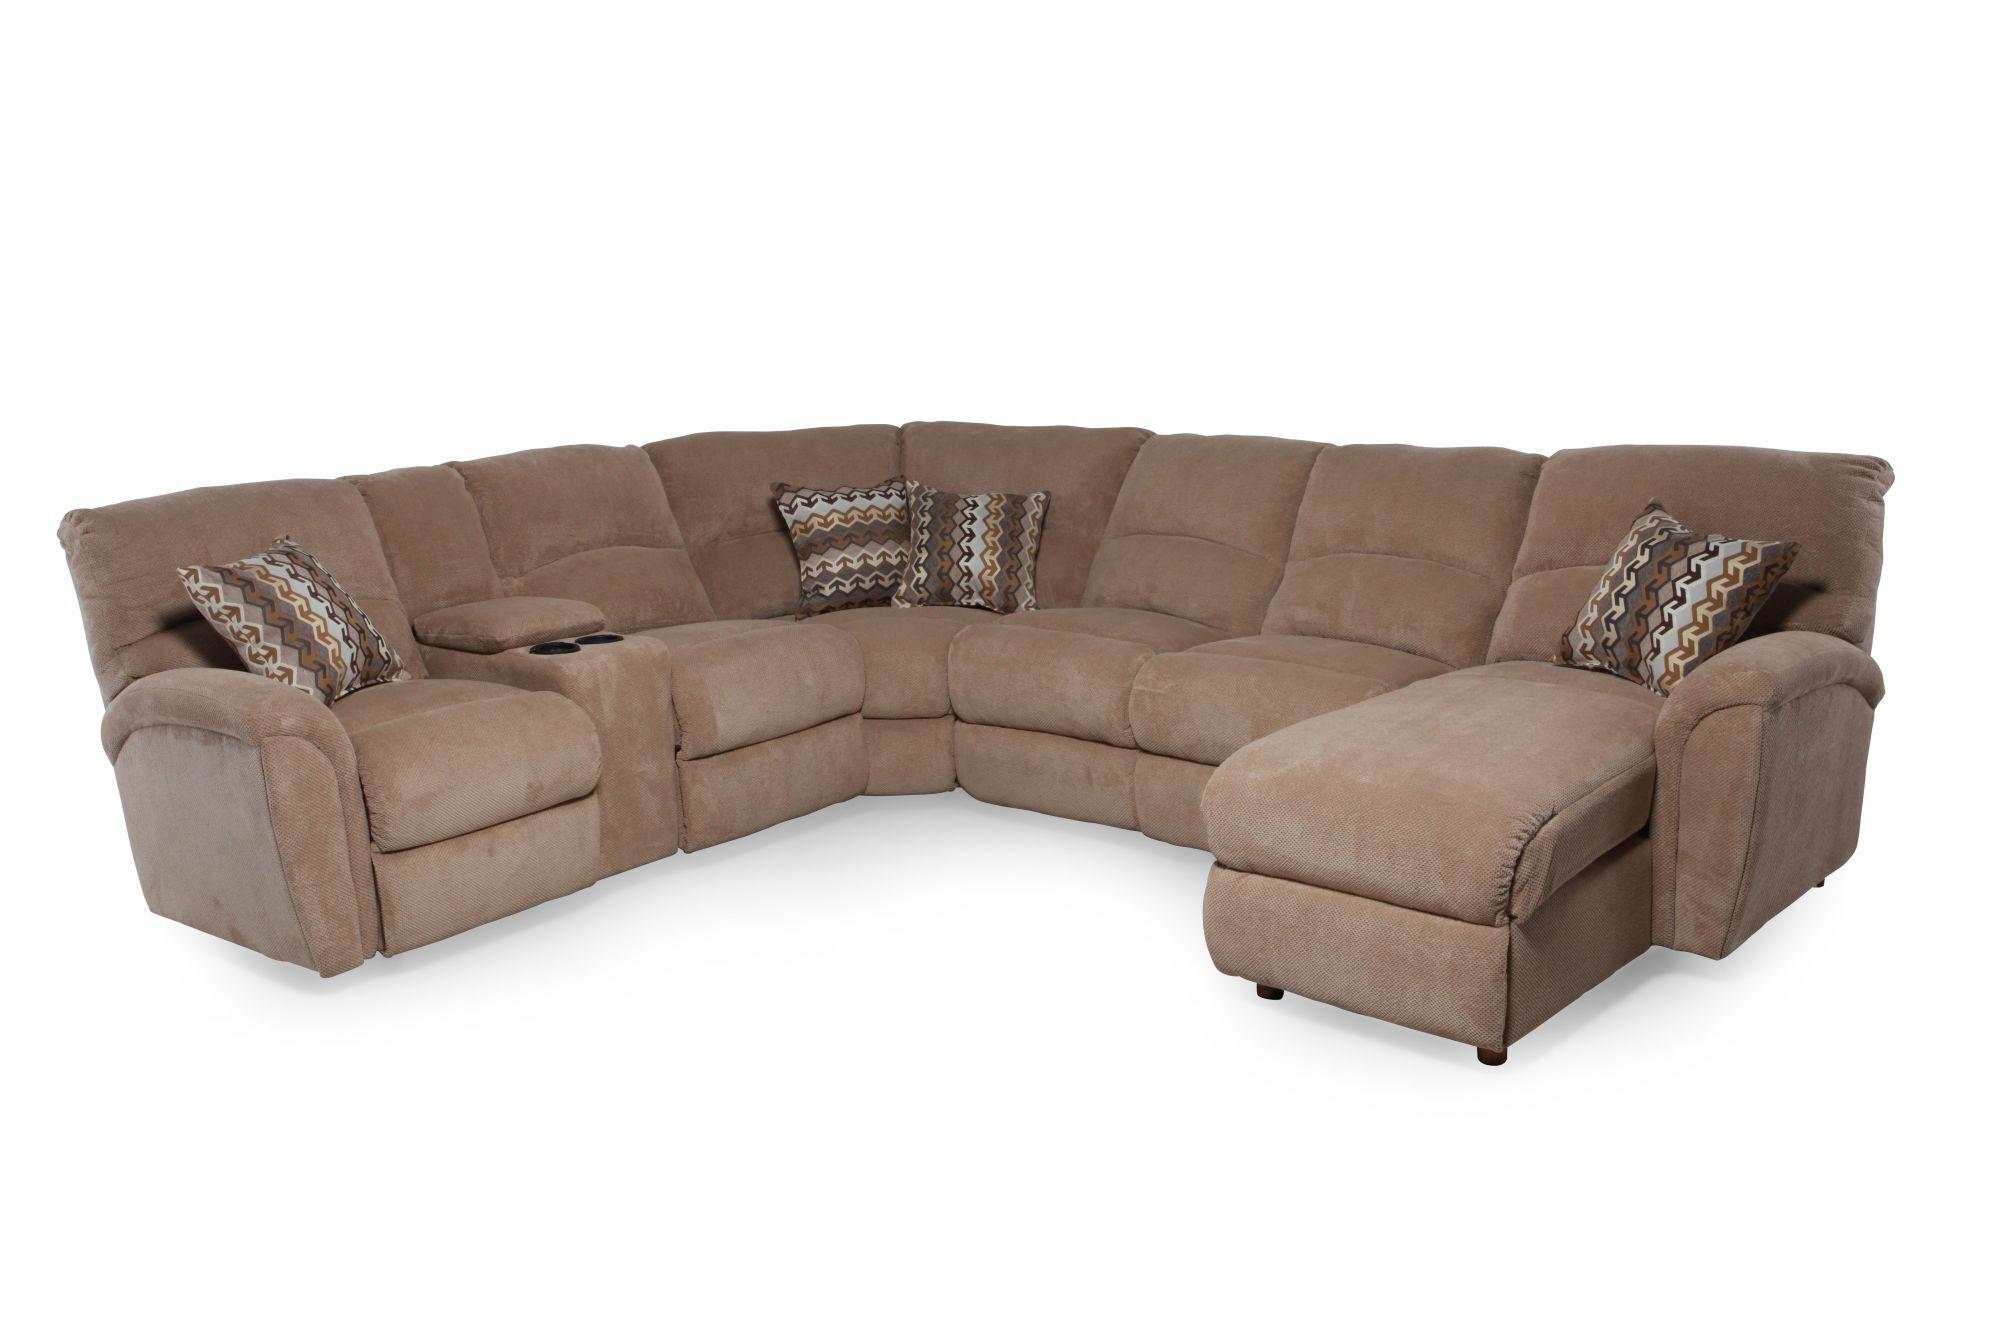 Lane FurnitureMathis Brothers Furniture